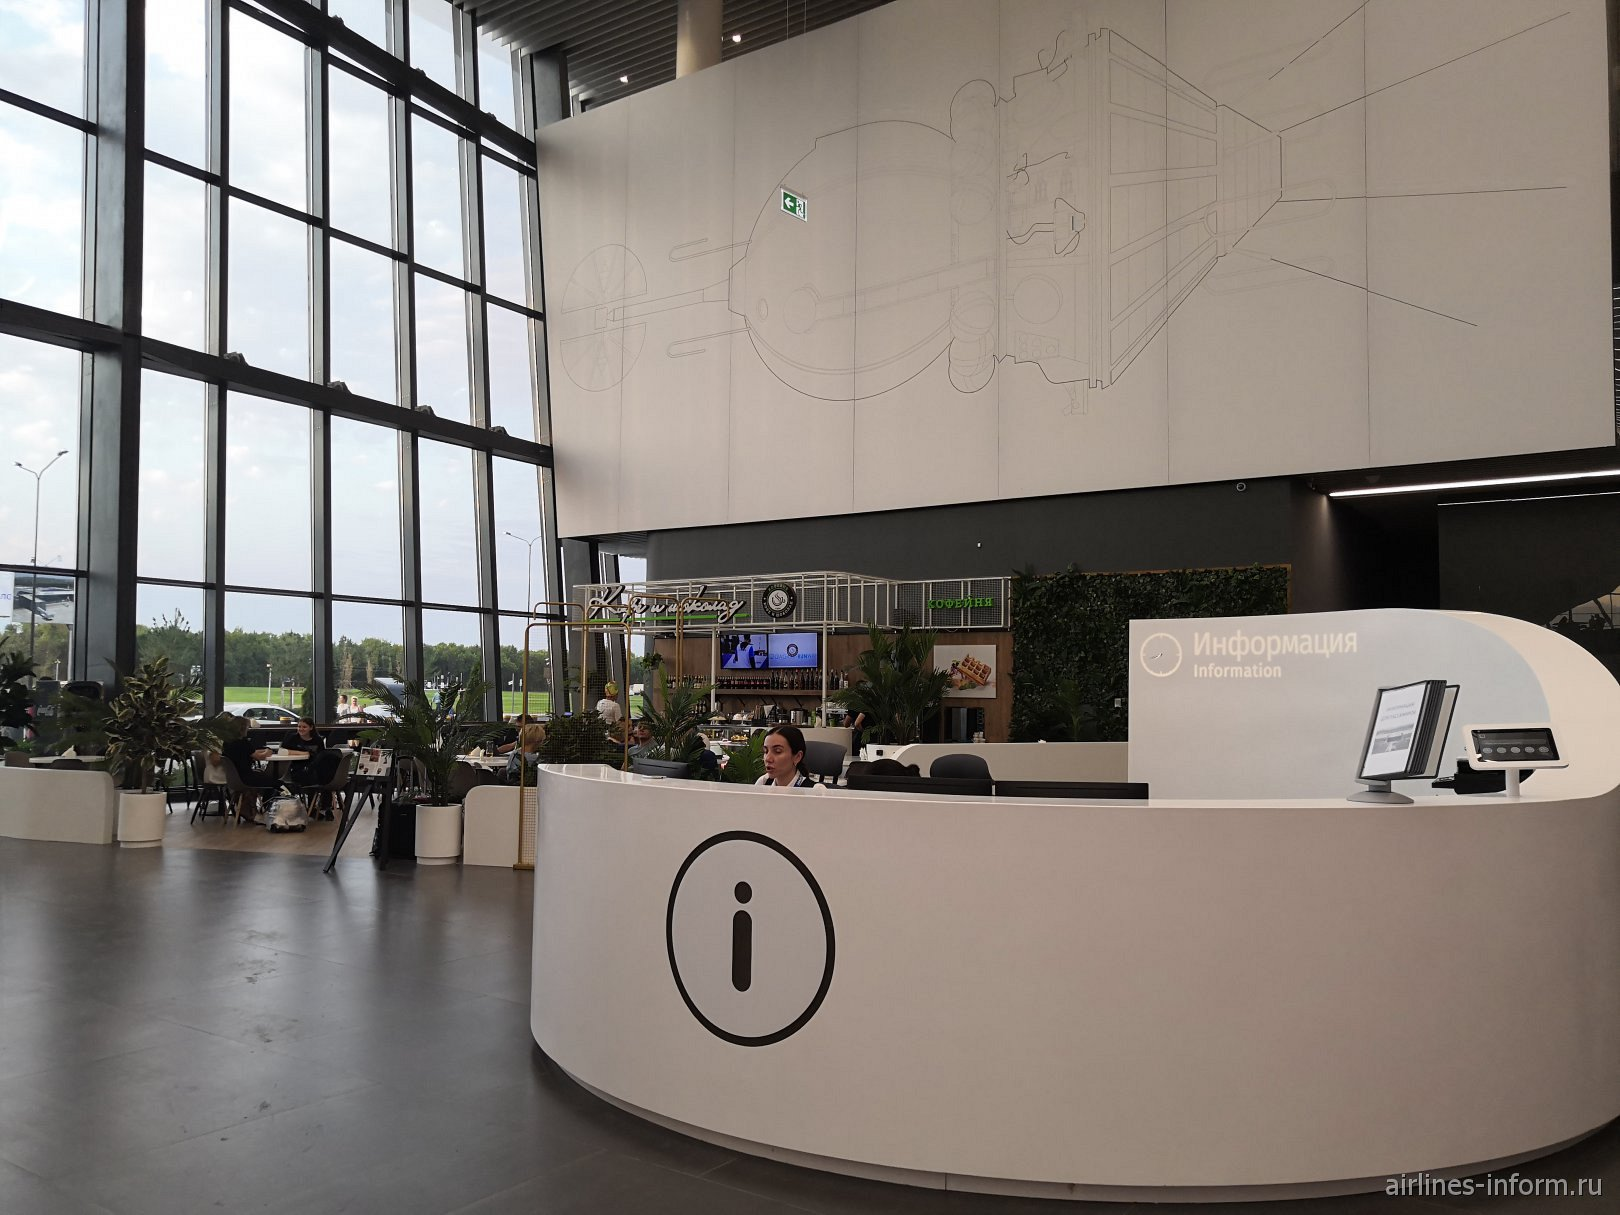 Информационная стойка в аэропорту Гагарин в Саратове